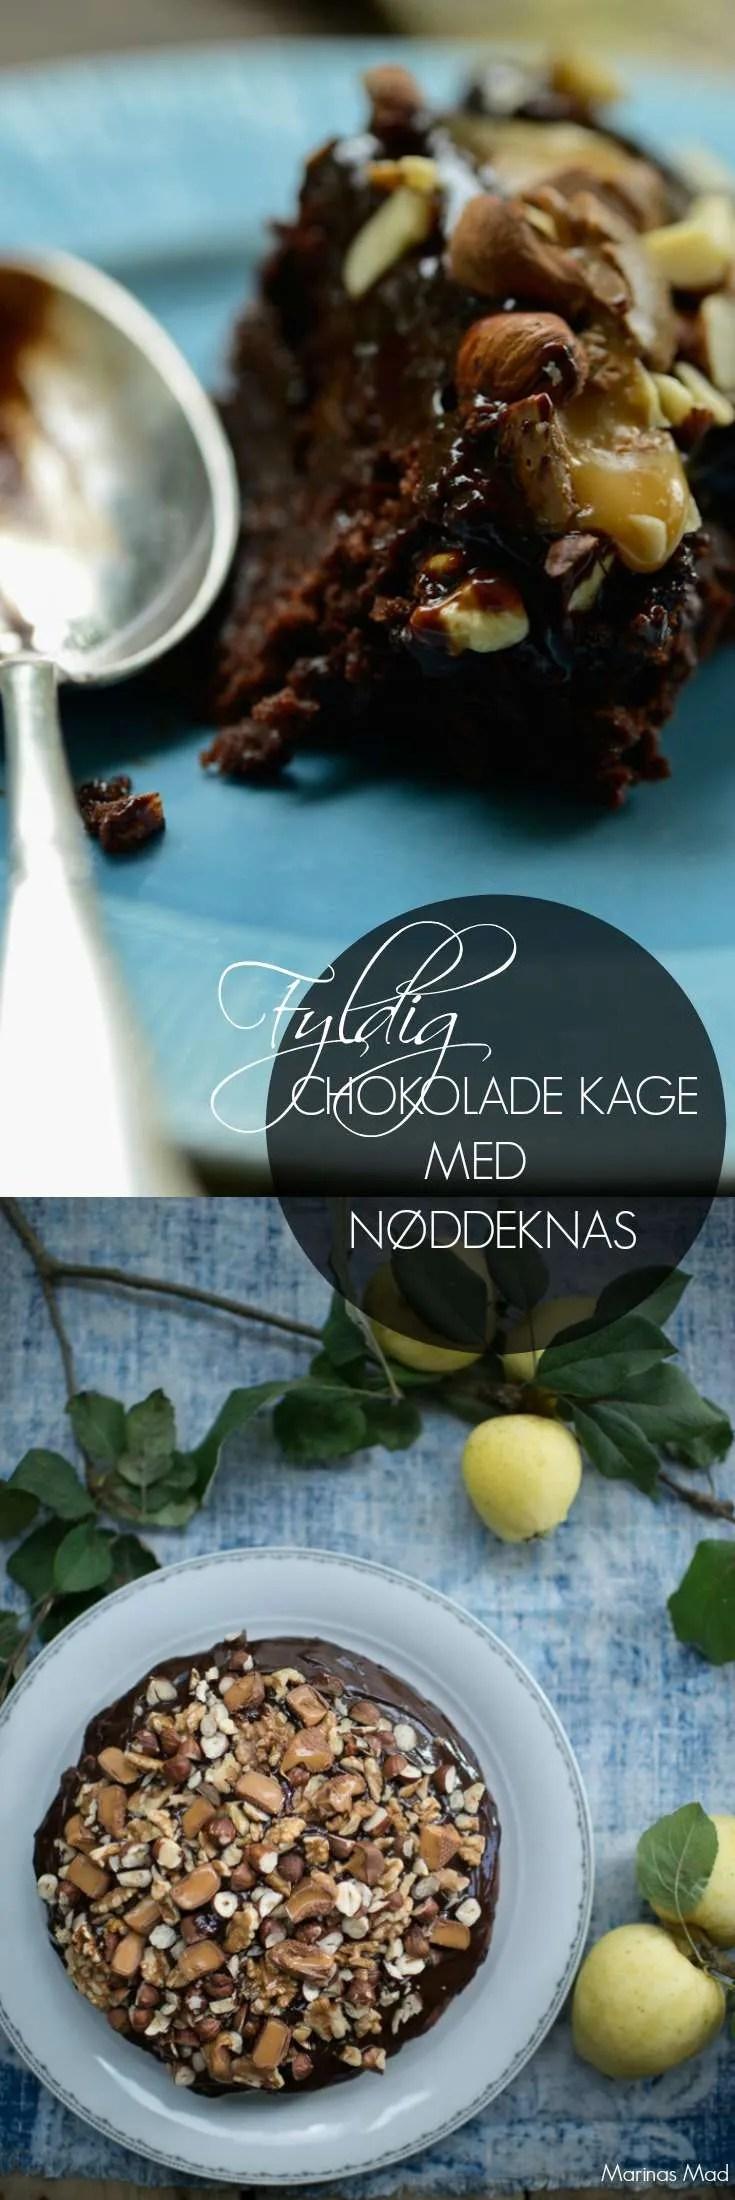 Denne skønne chokoladekage er bagt med æblemos og toppet med nøddedrysset chokoladeganache. Dejlig gæstekage der også kan bruges som dessert. Kage opskrift fra Marinas Mad.